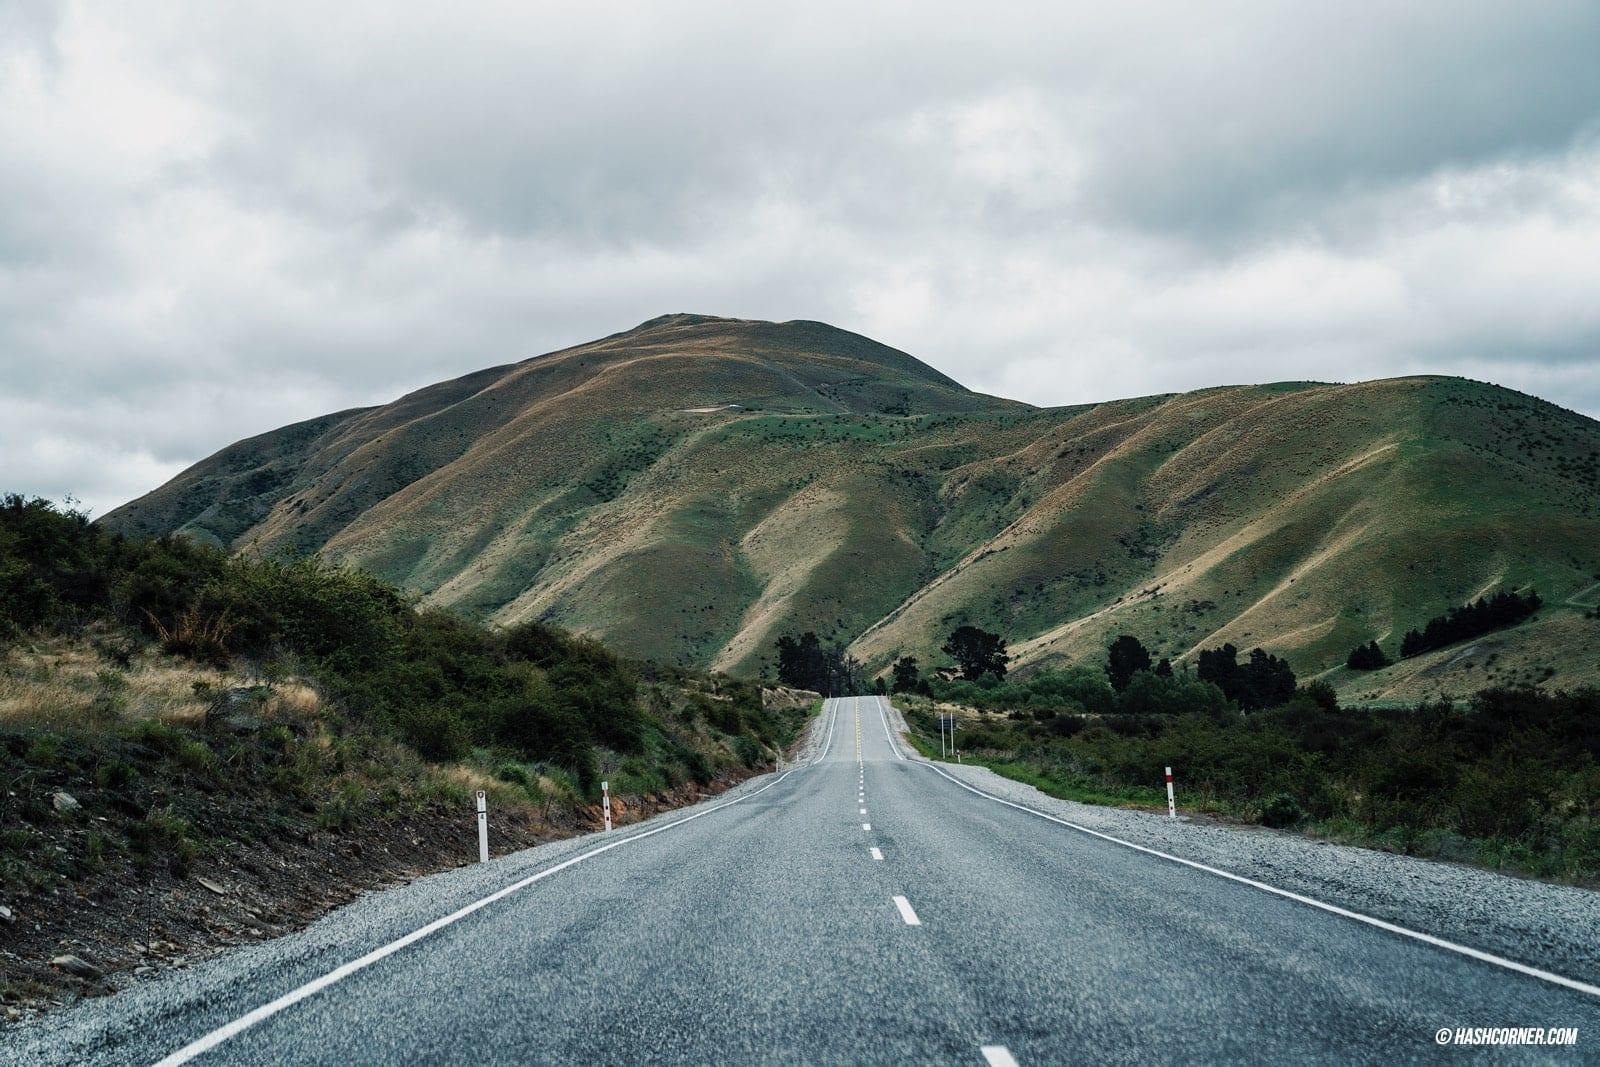 รีวิว ควีนส์ทาวน์ (Queenstown) ขับรถเที่ยวนิวซีแลนด์